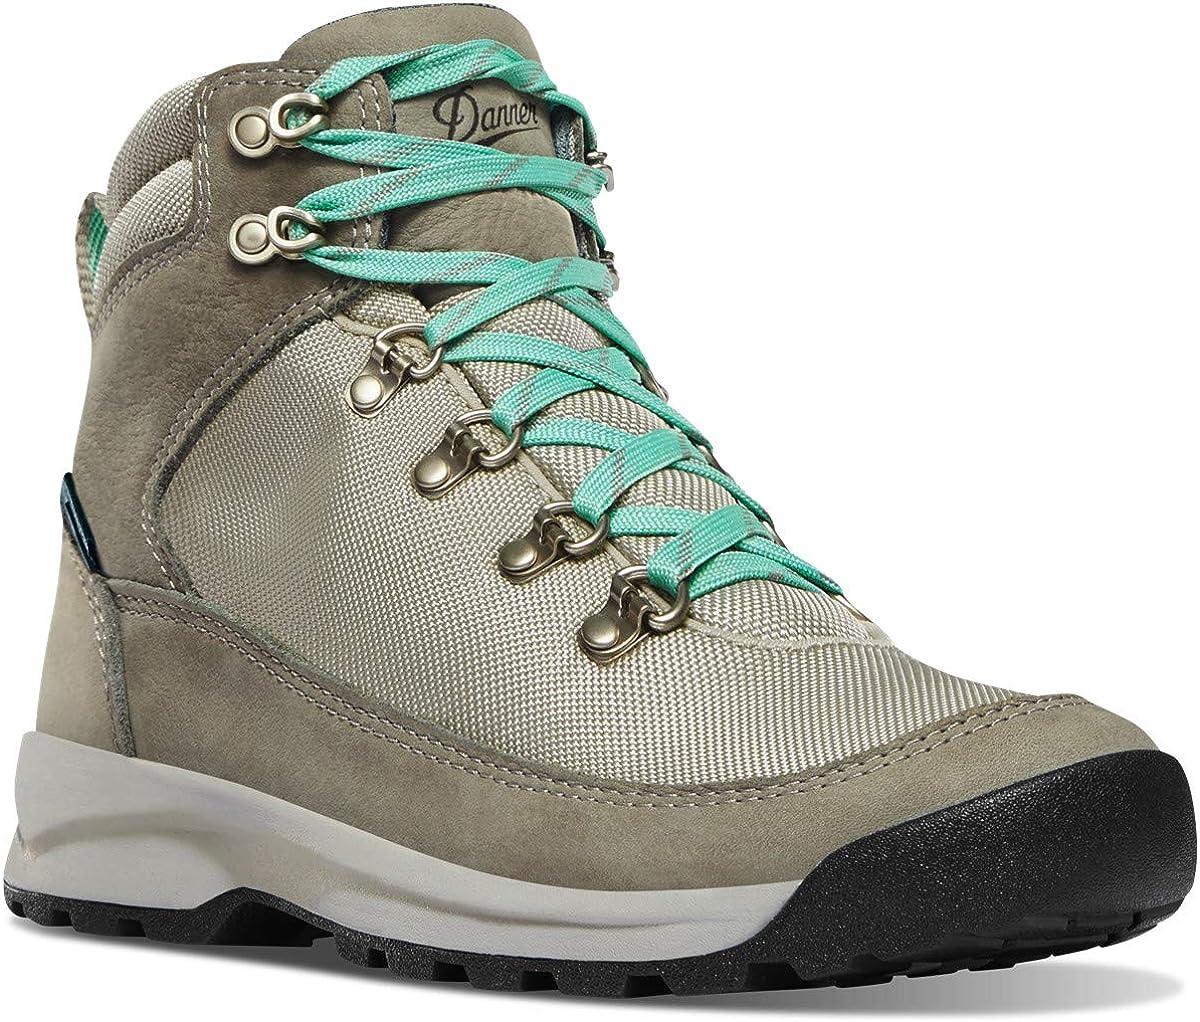 高級な Danner Women's 新作 大人気 Adrika Hiker Boot Hiking Waterproof 5